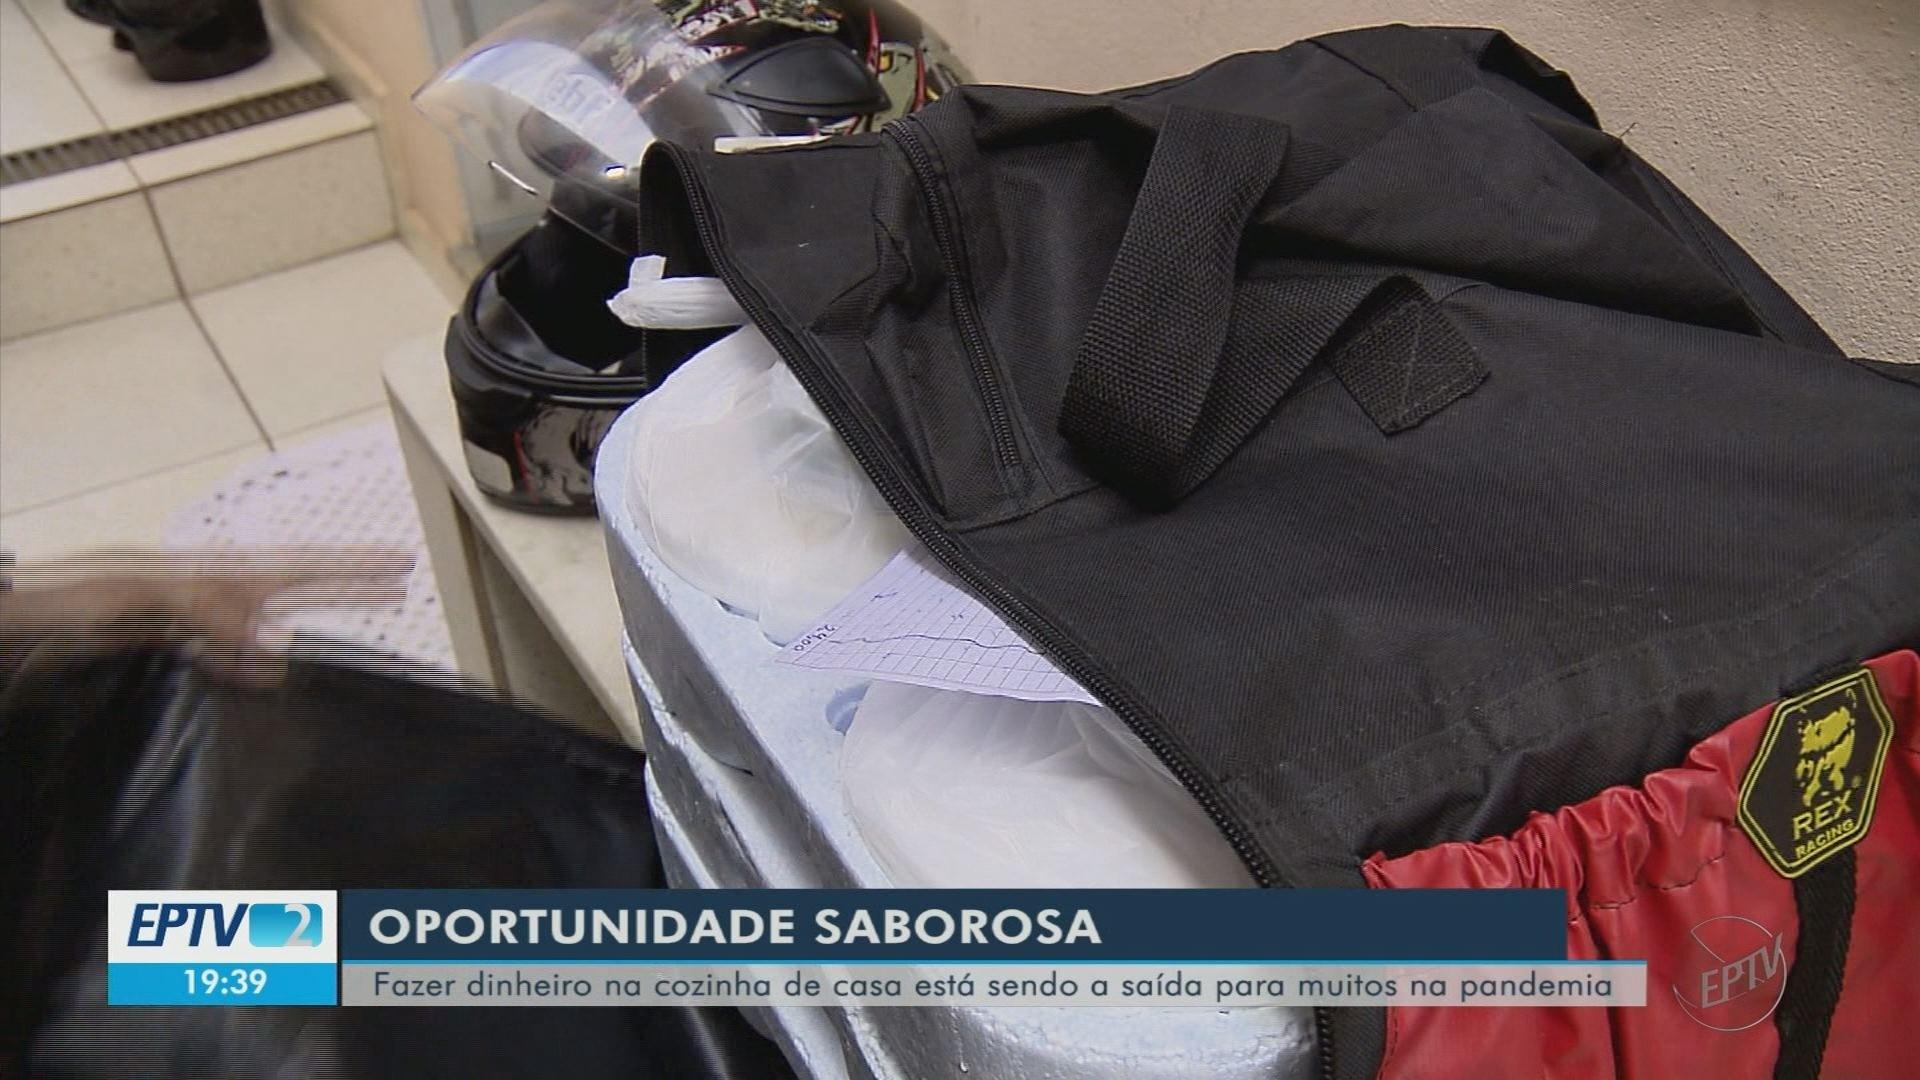 VÍDEOS: EPTV 2 Sul de Minas de quarta-feira, 1 de julho